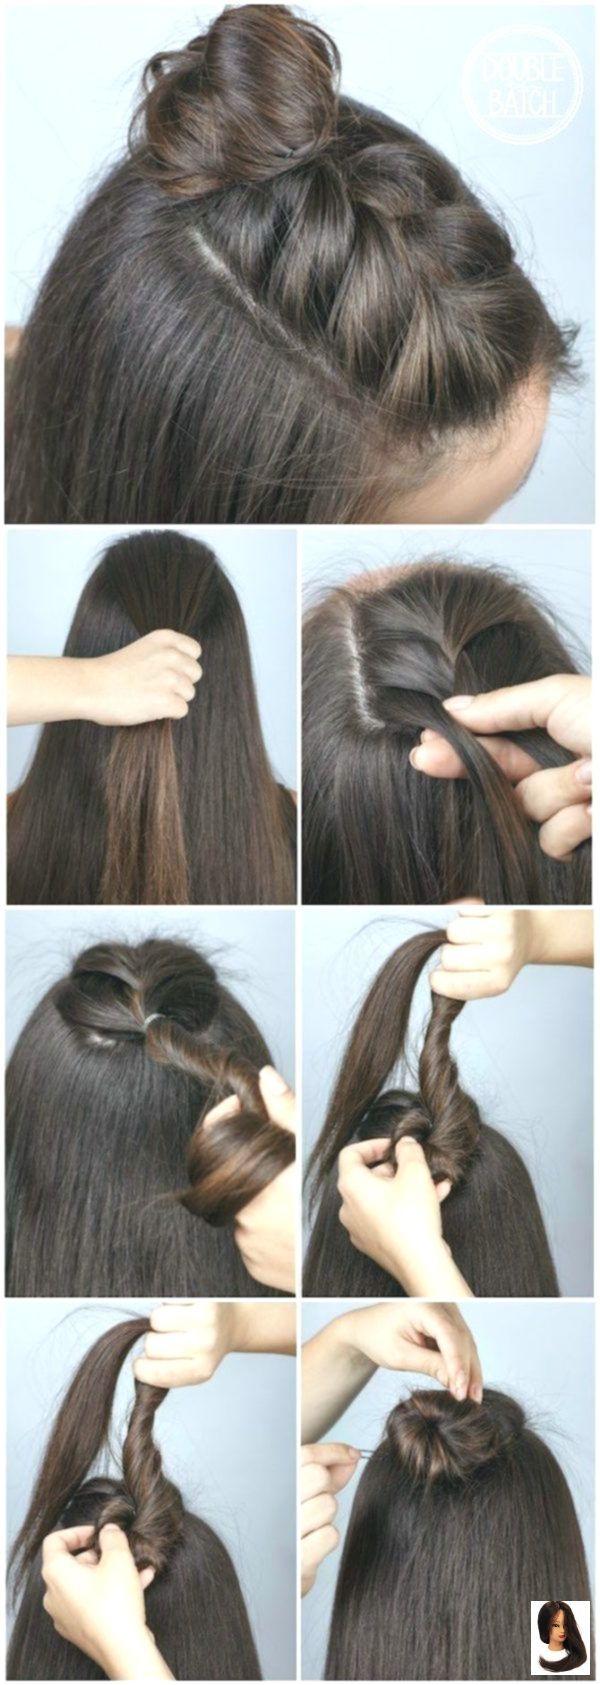 #Einfach #Einfache Frisuren Unordentlich #Frisuren #Schritt Einfache Frisuren 2019 Schritt für Schritt ...